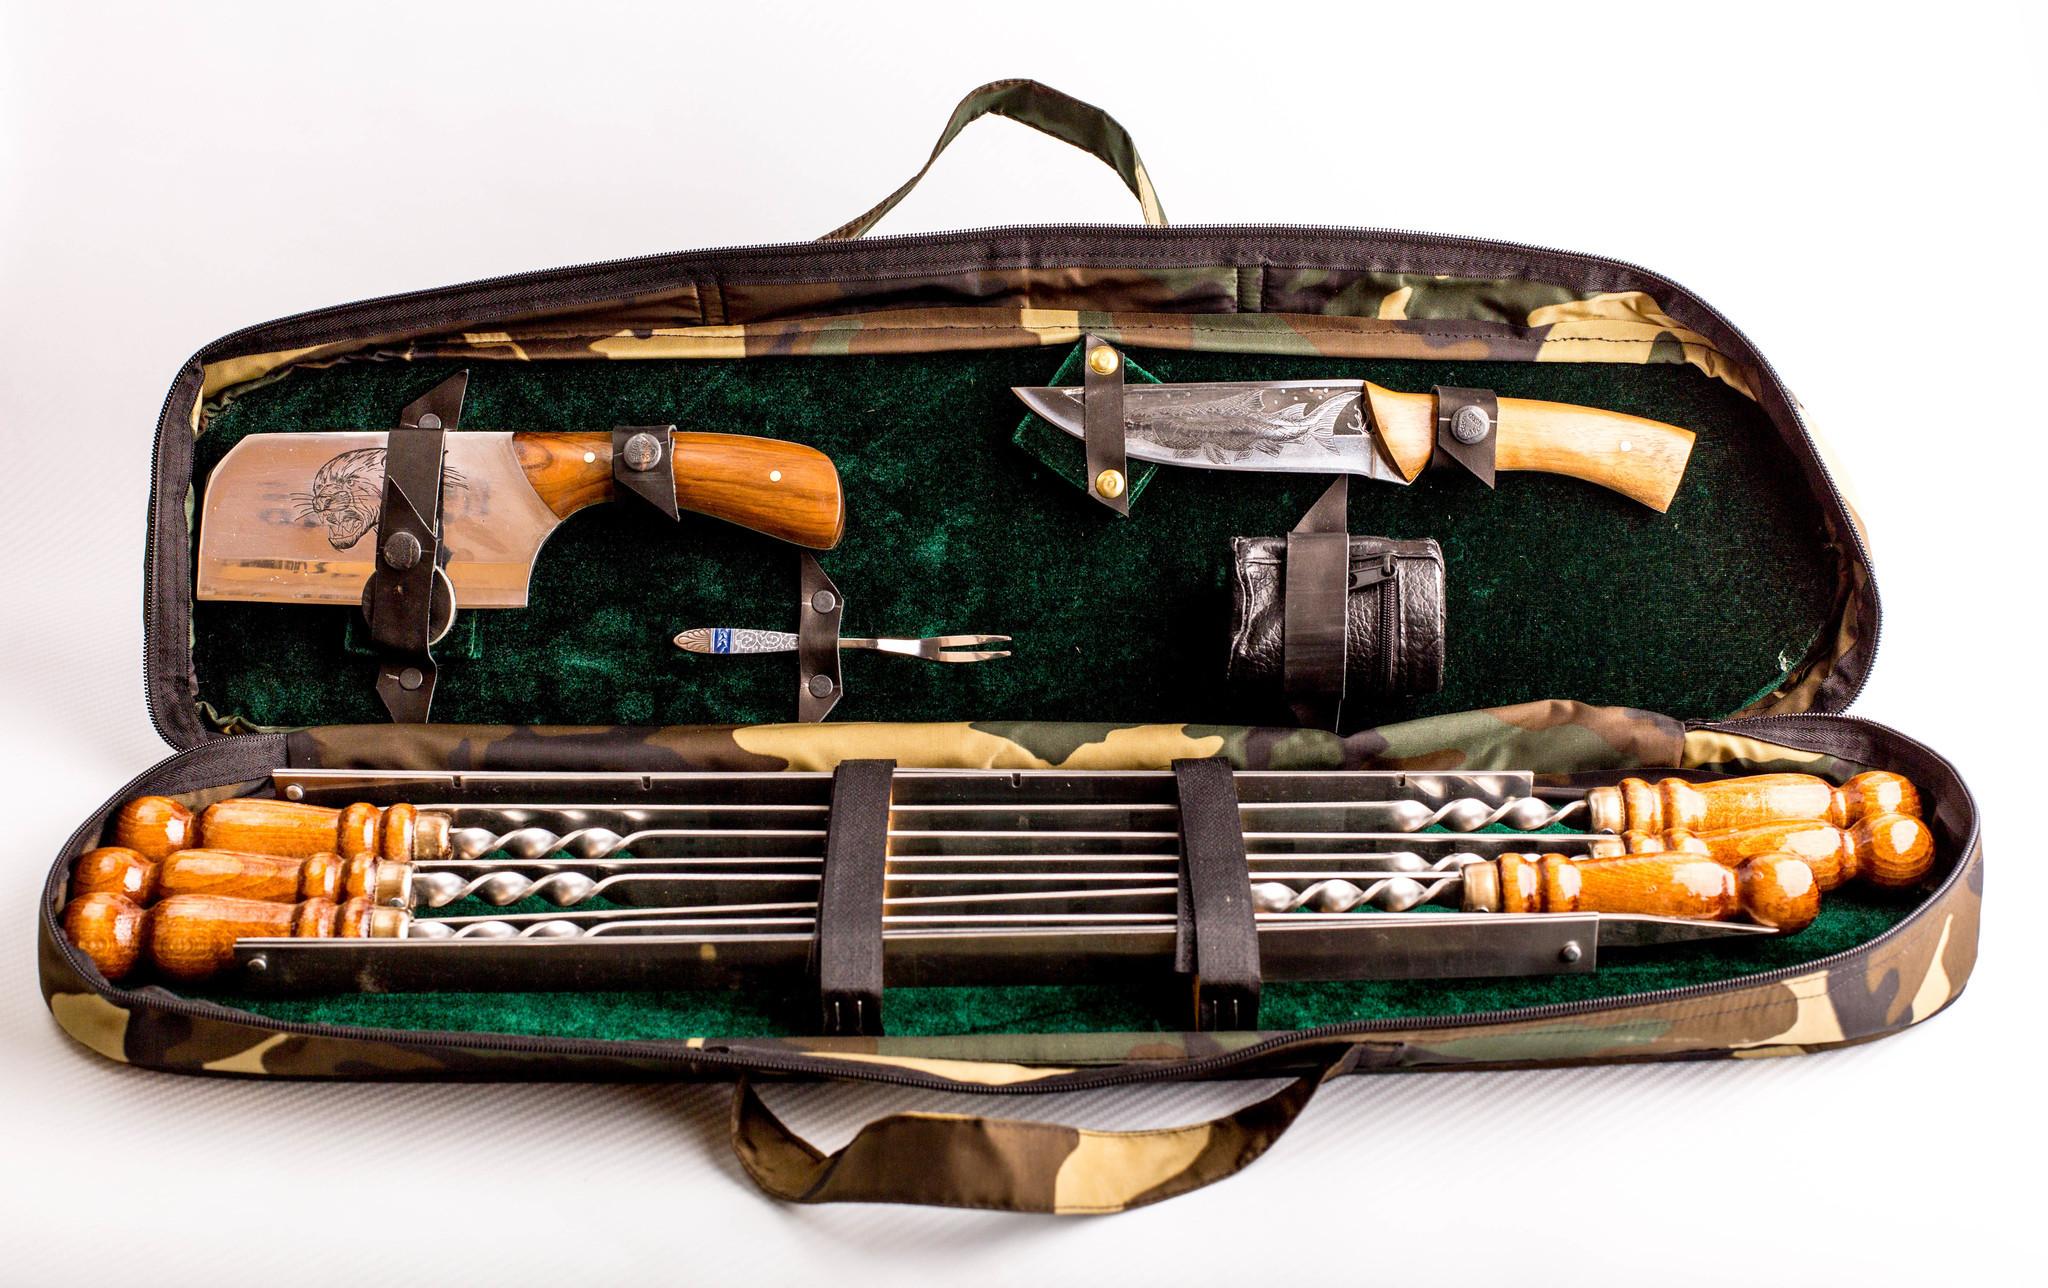 Шашлычный набор Камуфляж, Кизляр шашлычный набор царский 3 кизляр